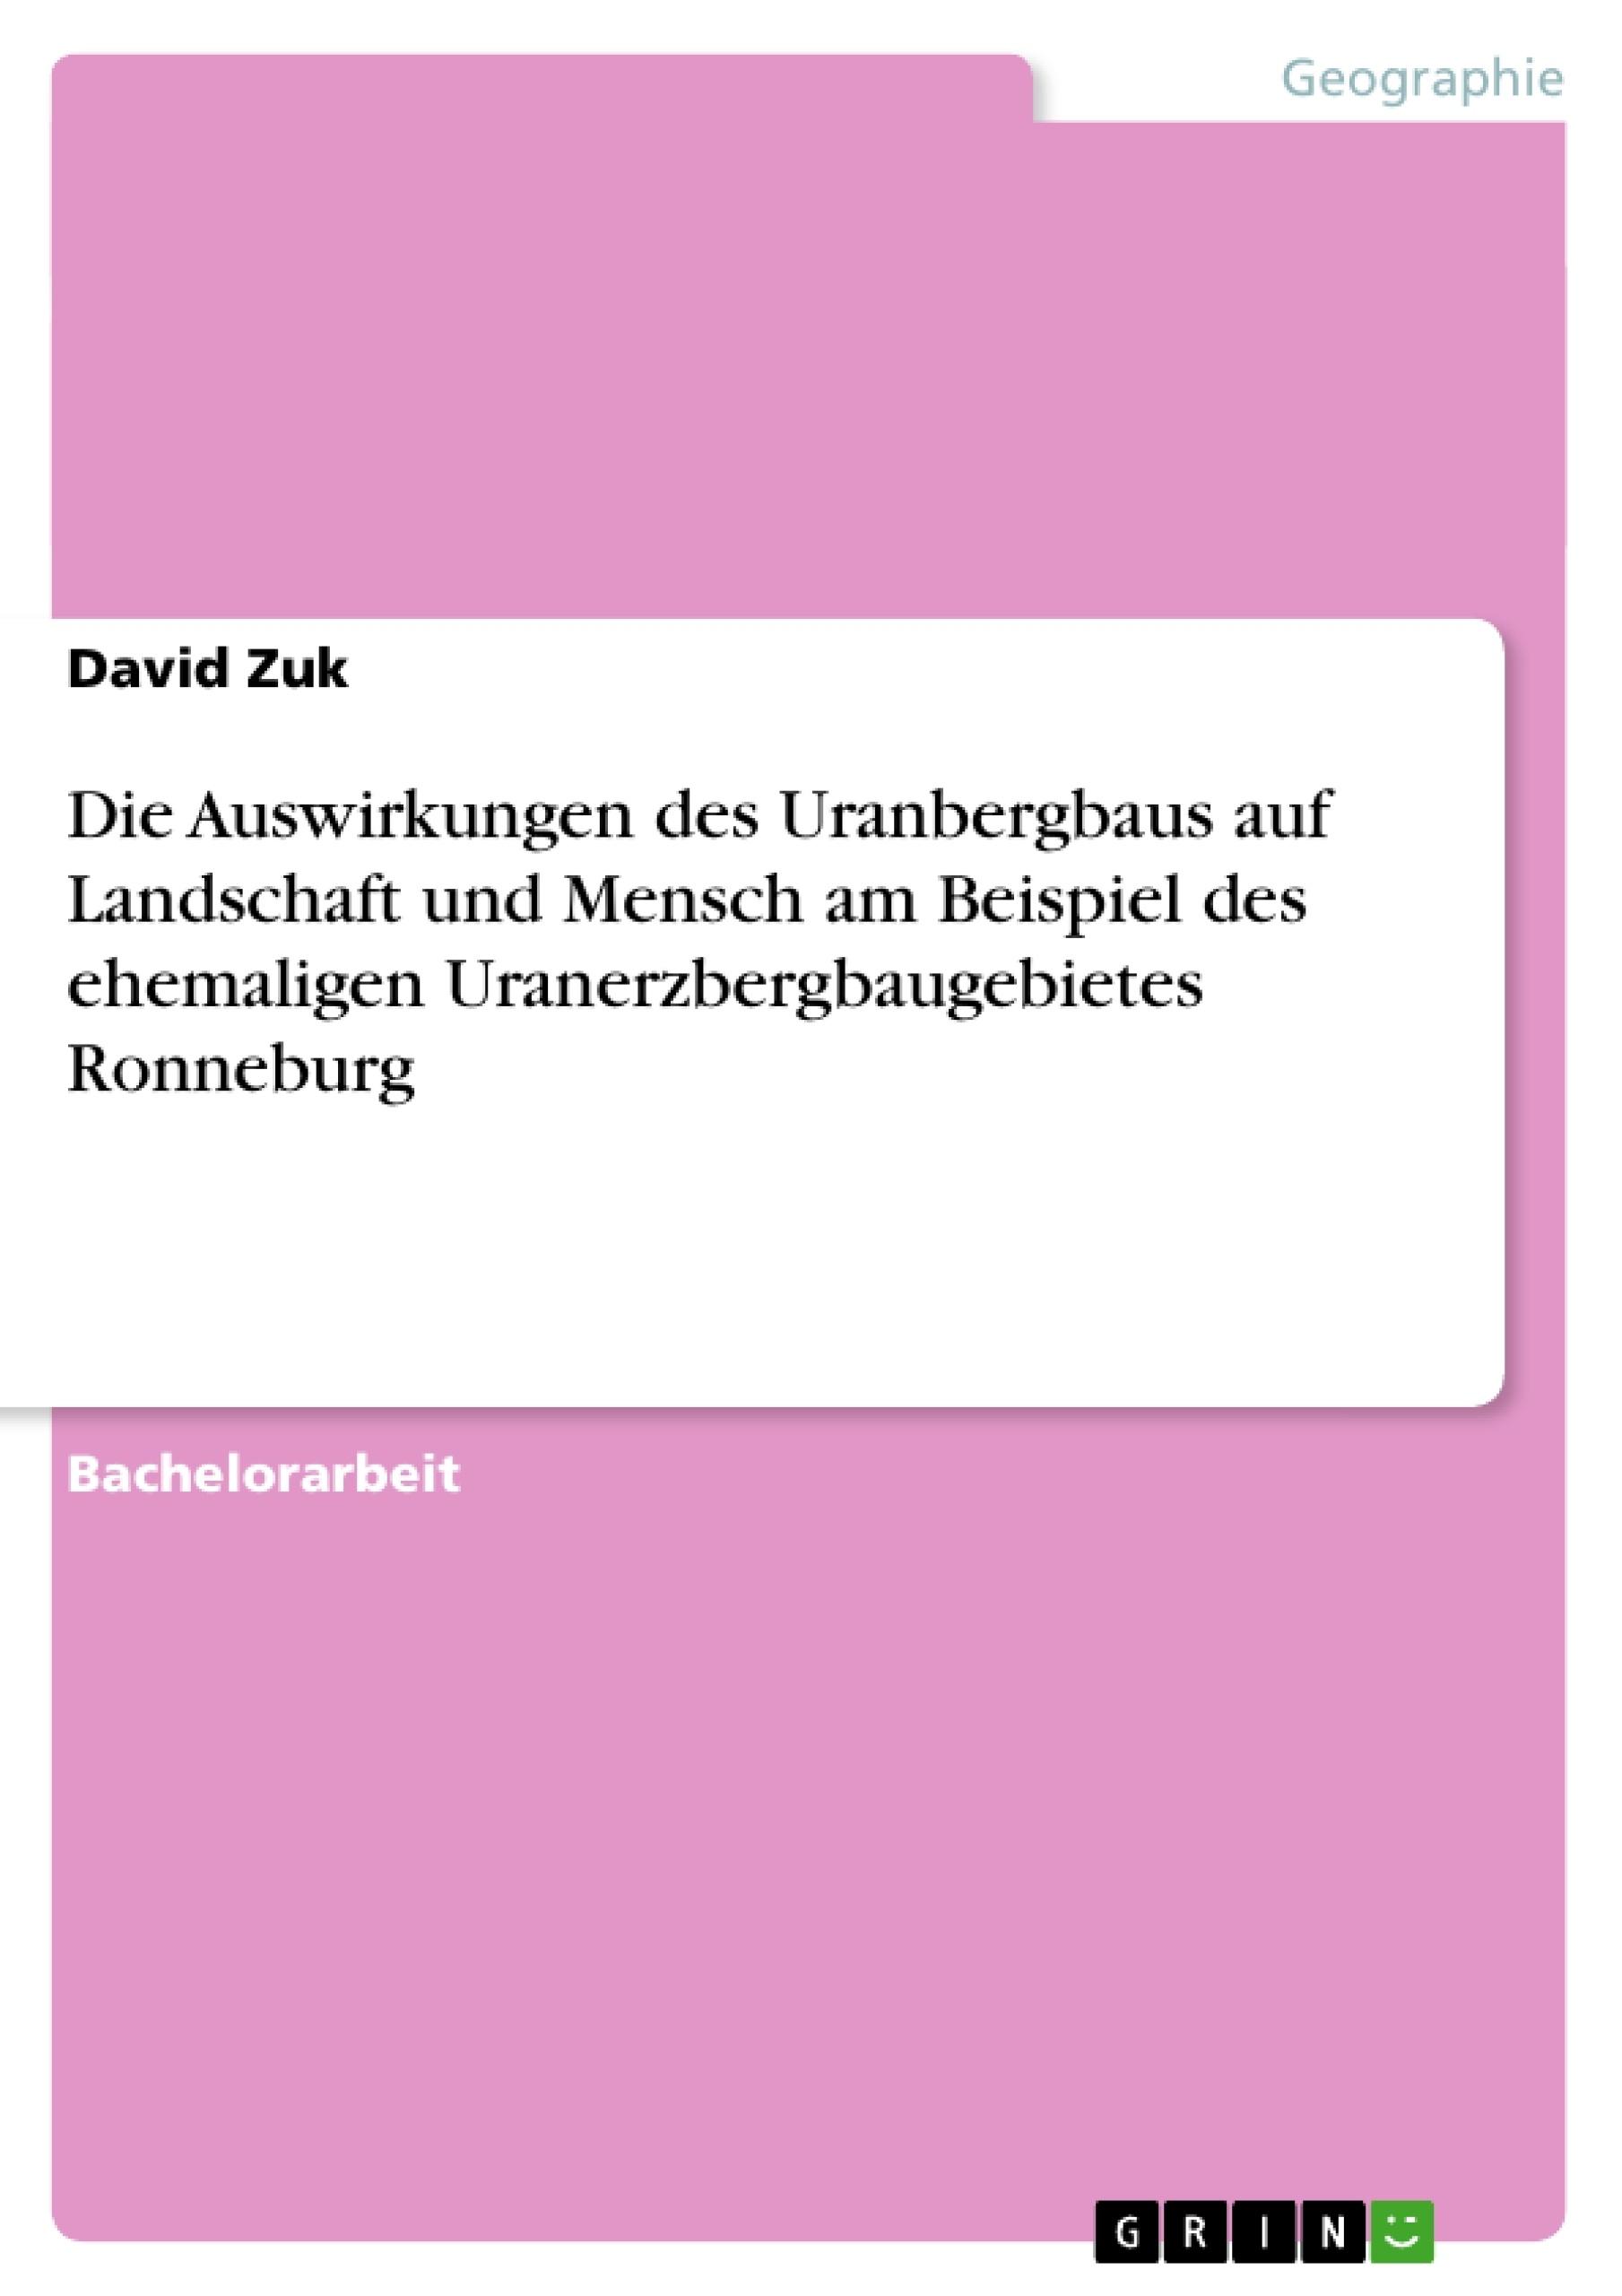 Titel: Die Auswirkungen des Uranbergbaus auf Landschaft und Mensch am Beispiel des ehemaligen Uranerzbergbaugebietes Ronneburg